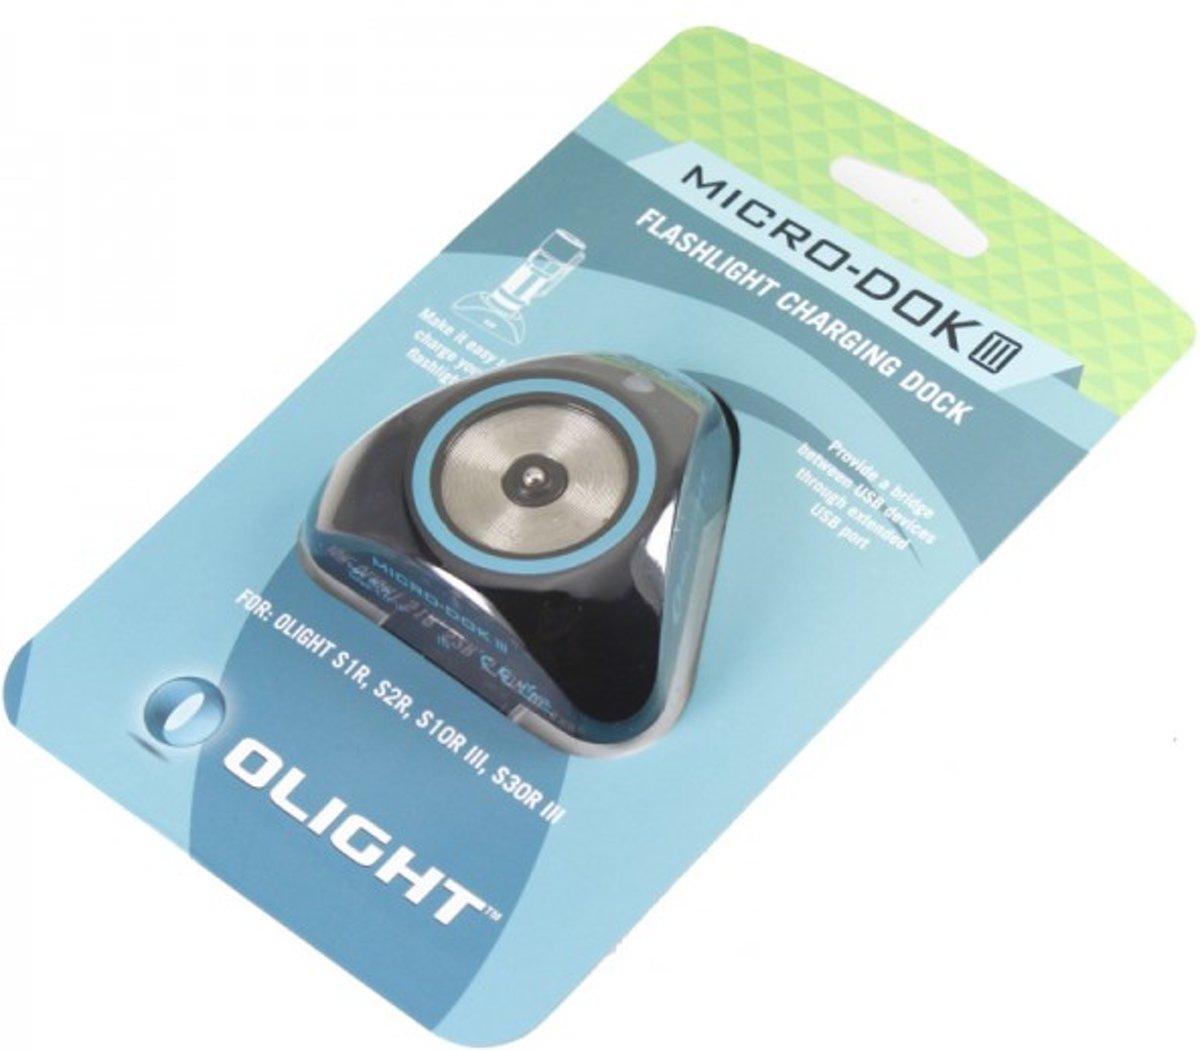 Olight Micro Dok III kopen